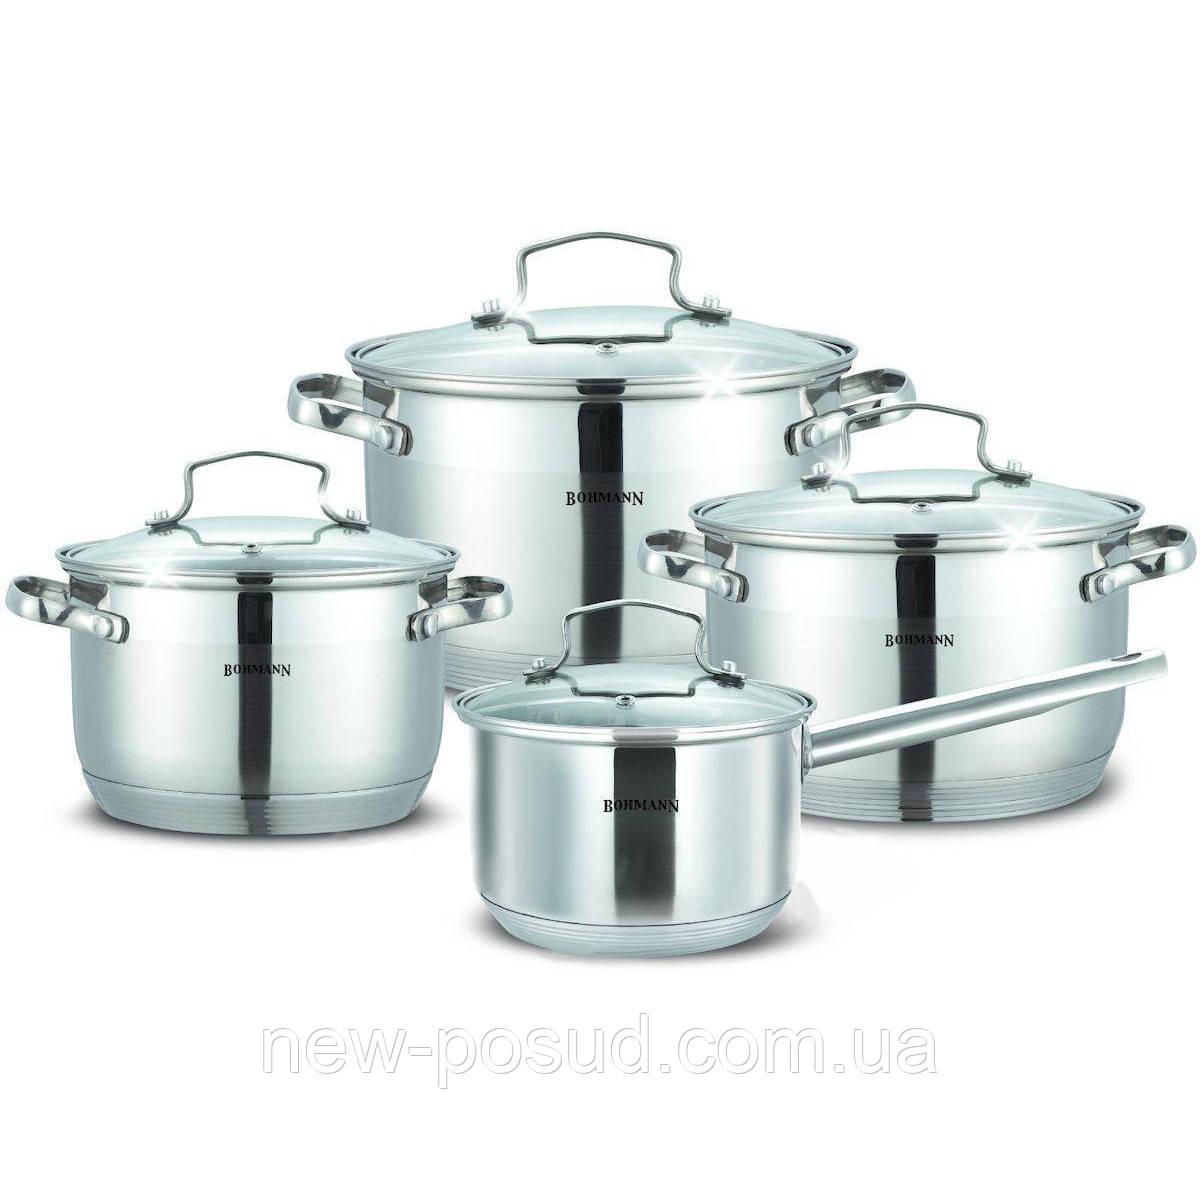 Набор посуды из нержавеющей стали - 8 пр Bohmann BH 1908 N